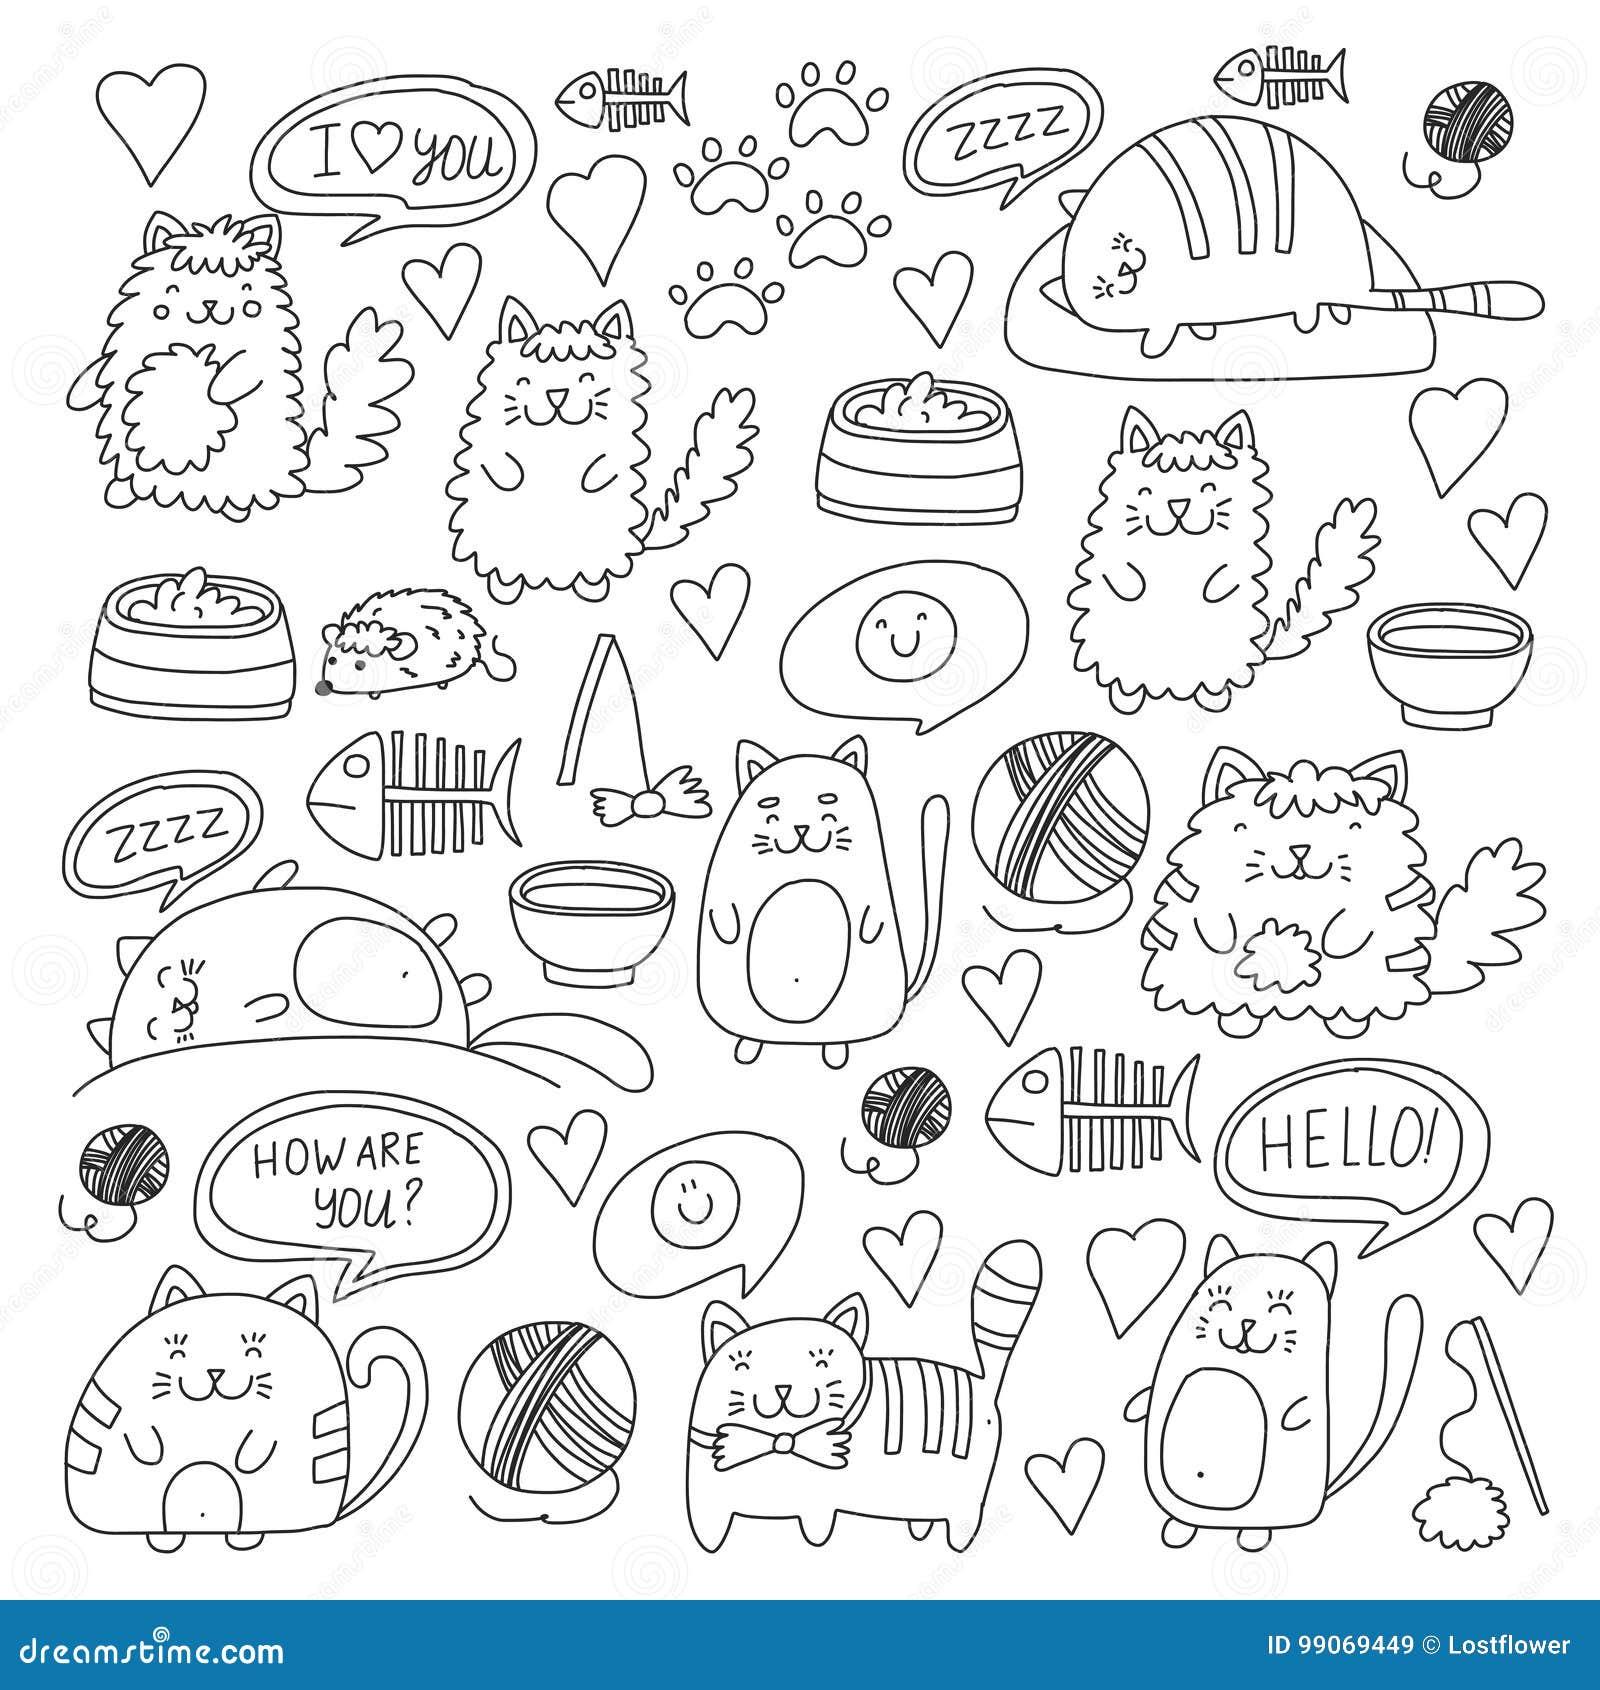 fbd293f7348 Χαριτωμένες γάτες doodle, διανυσματικά σύνολα γατών γατακιών εσωτερικά με  τα χαριτωμένα γατάκια για το κατάστημα